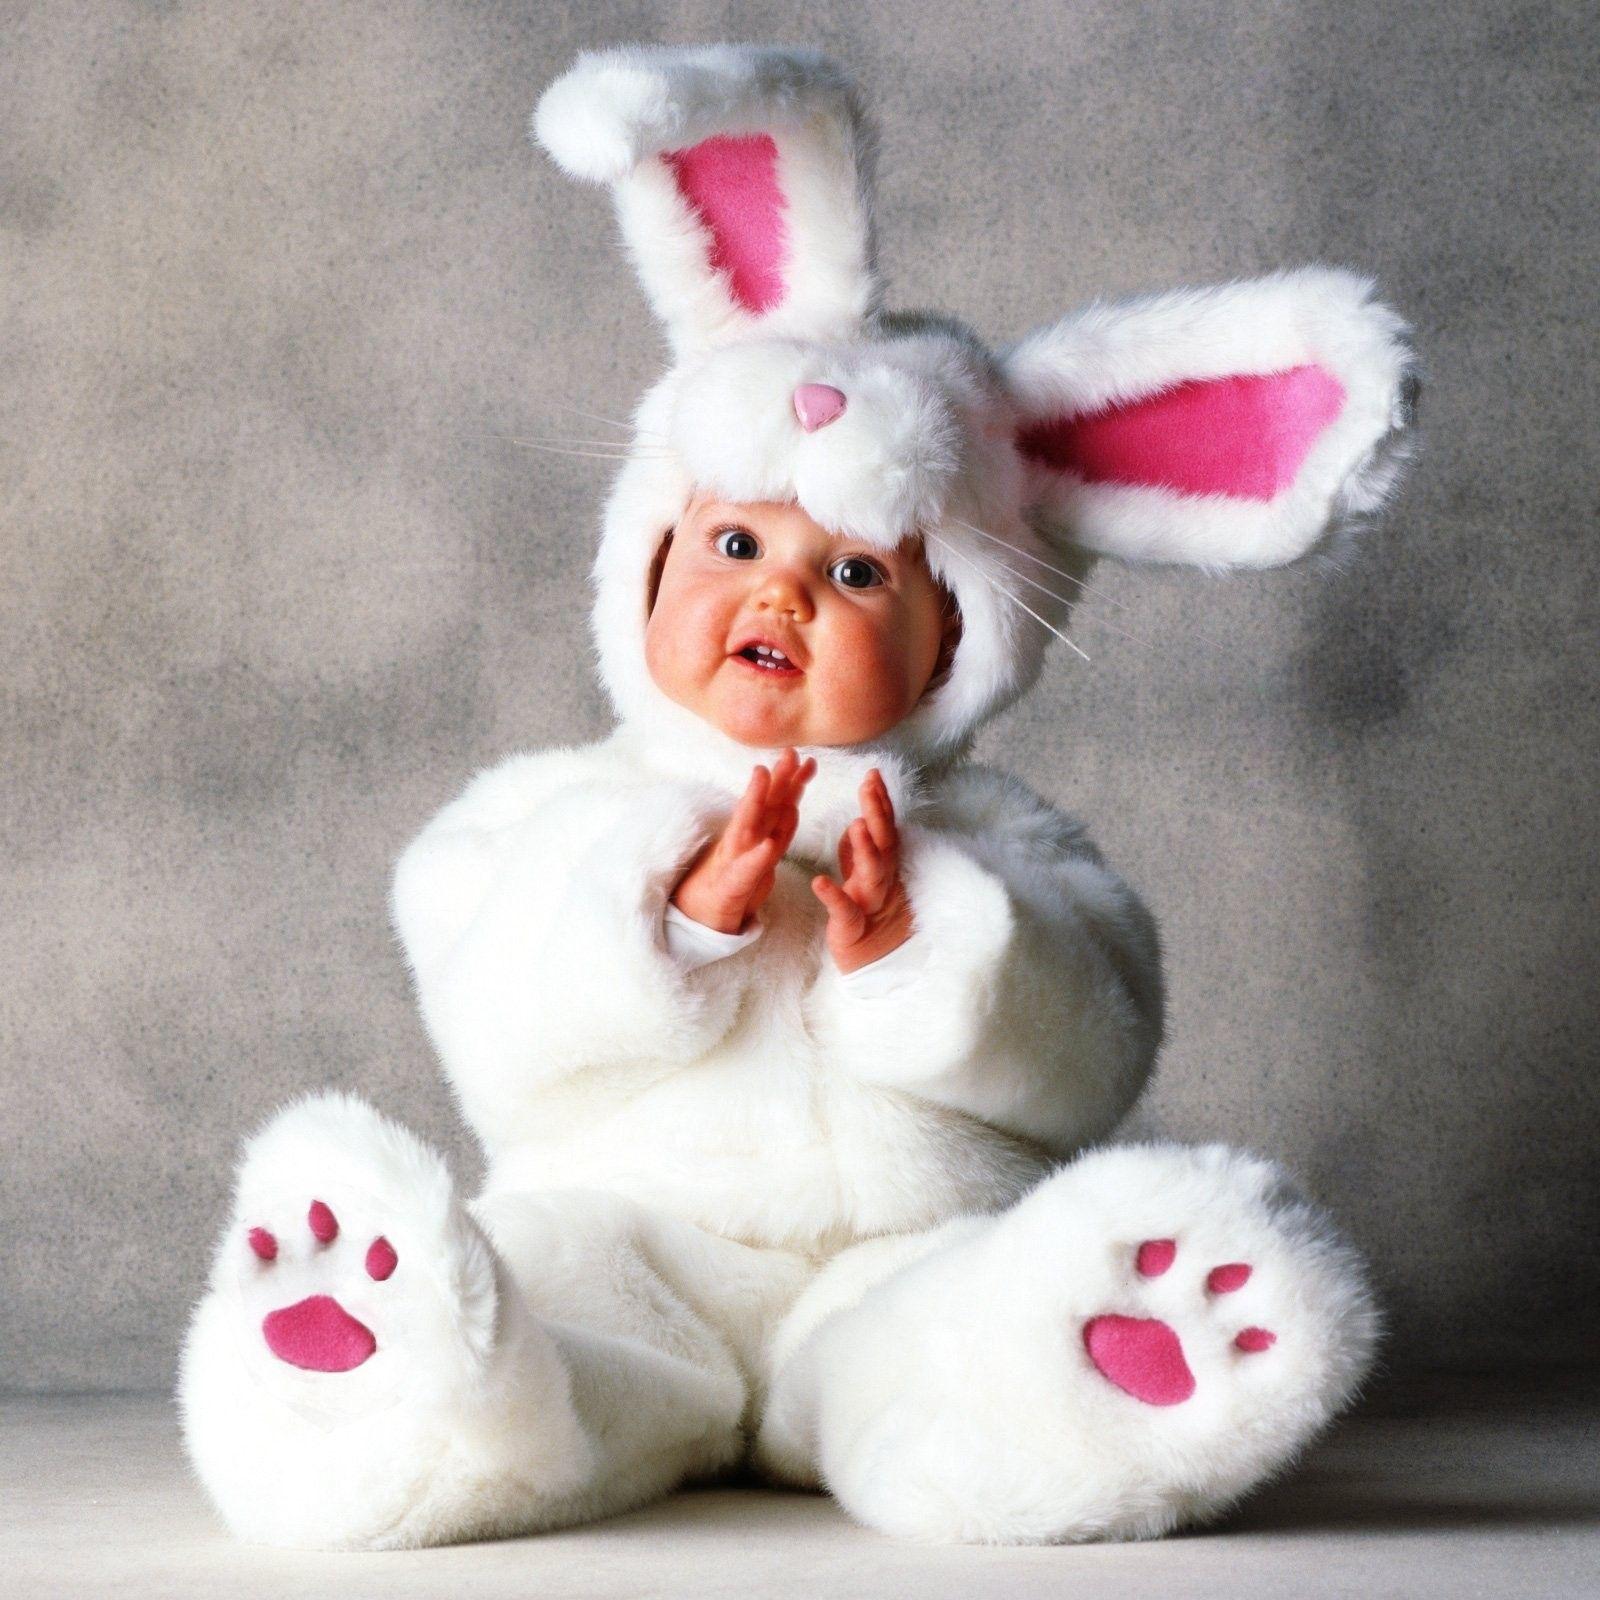 carnaval disfraz perro Buscar con Google Disfraz bebe